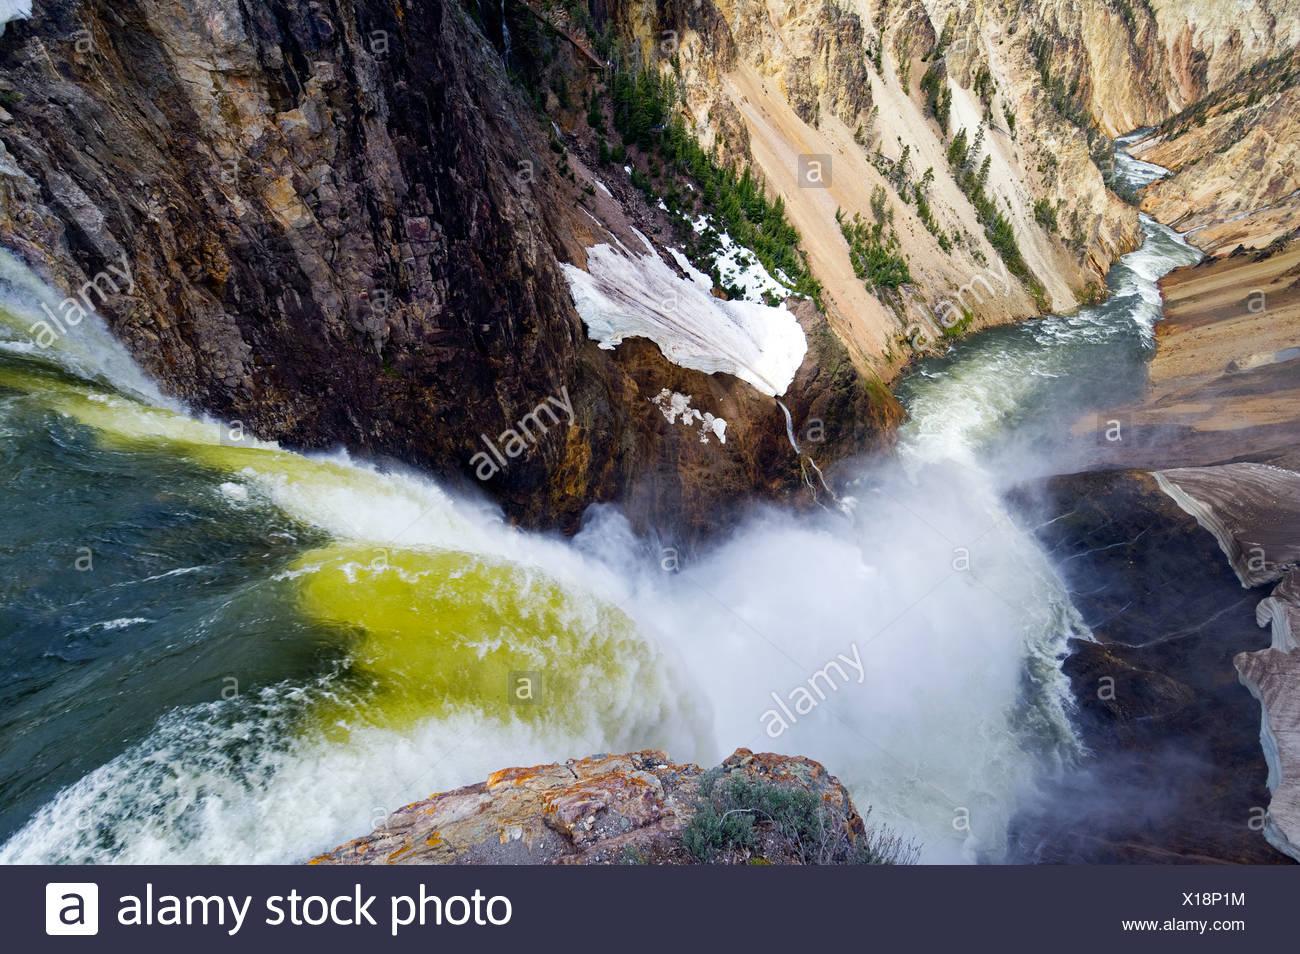 Abbassare Yellowstone Falls cascate nella valle sottostante nel Parco Nazionale di Yellowstone, Wyoming. Immagini Stock